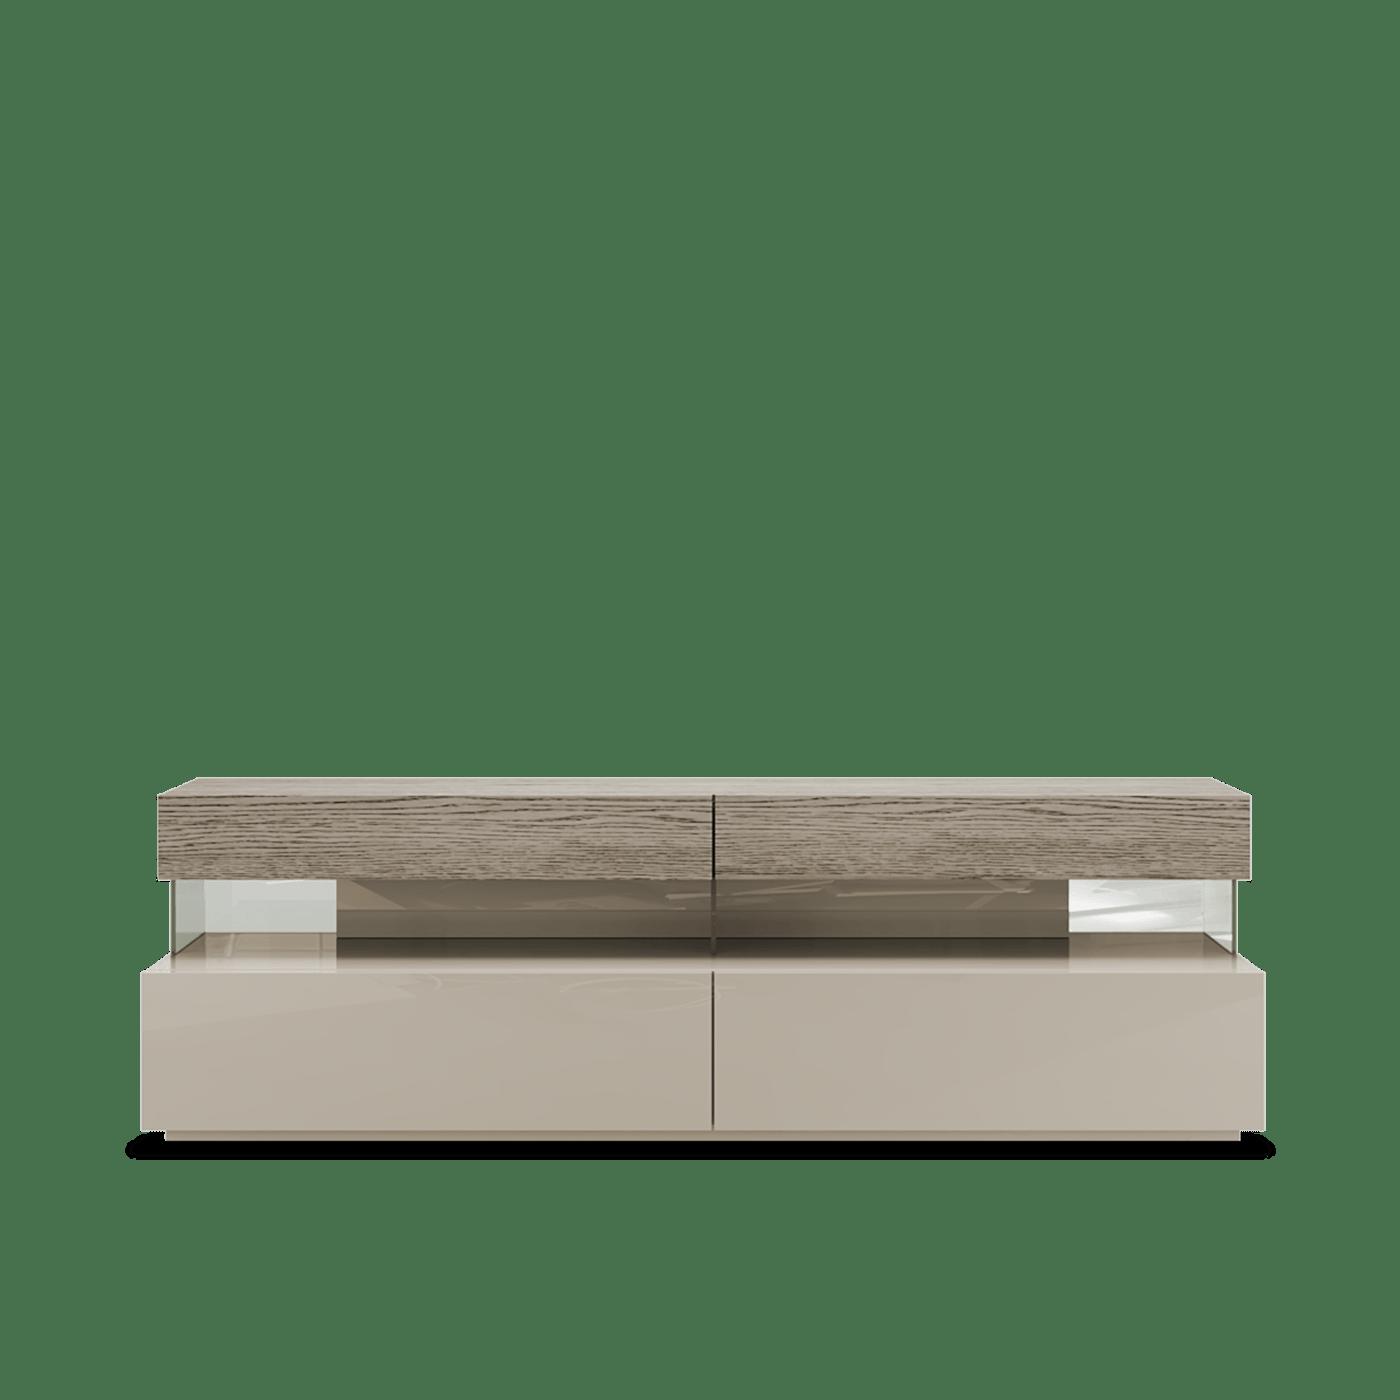 TV Furniture 4 drawers